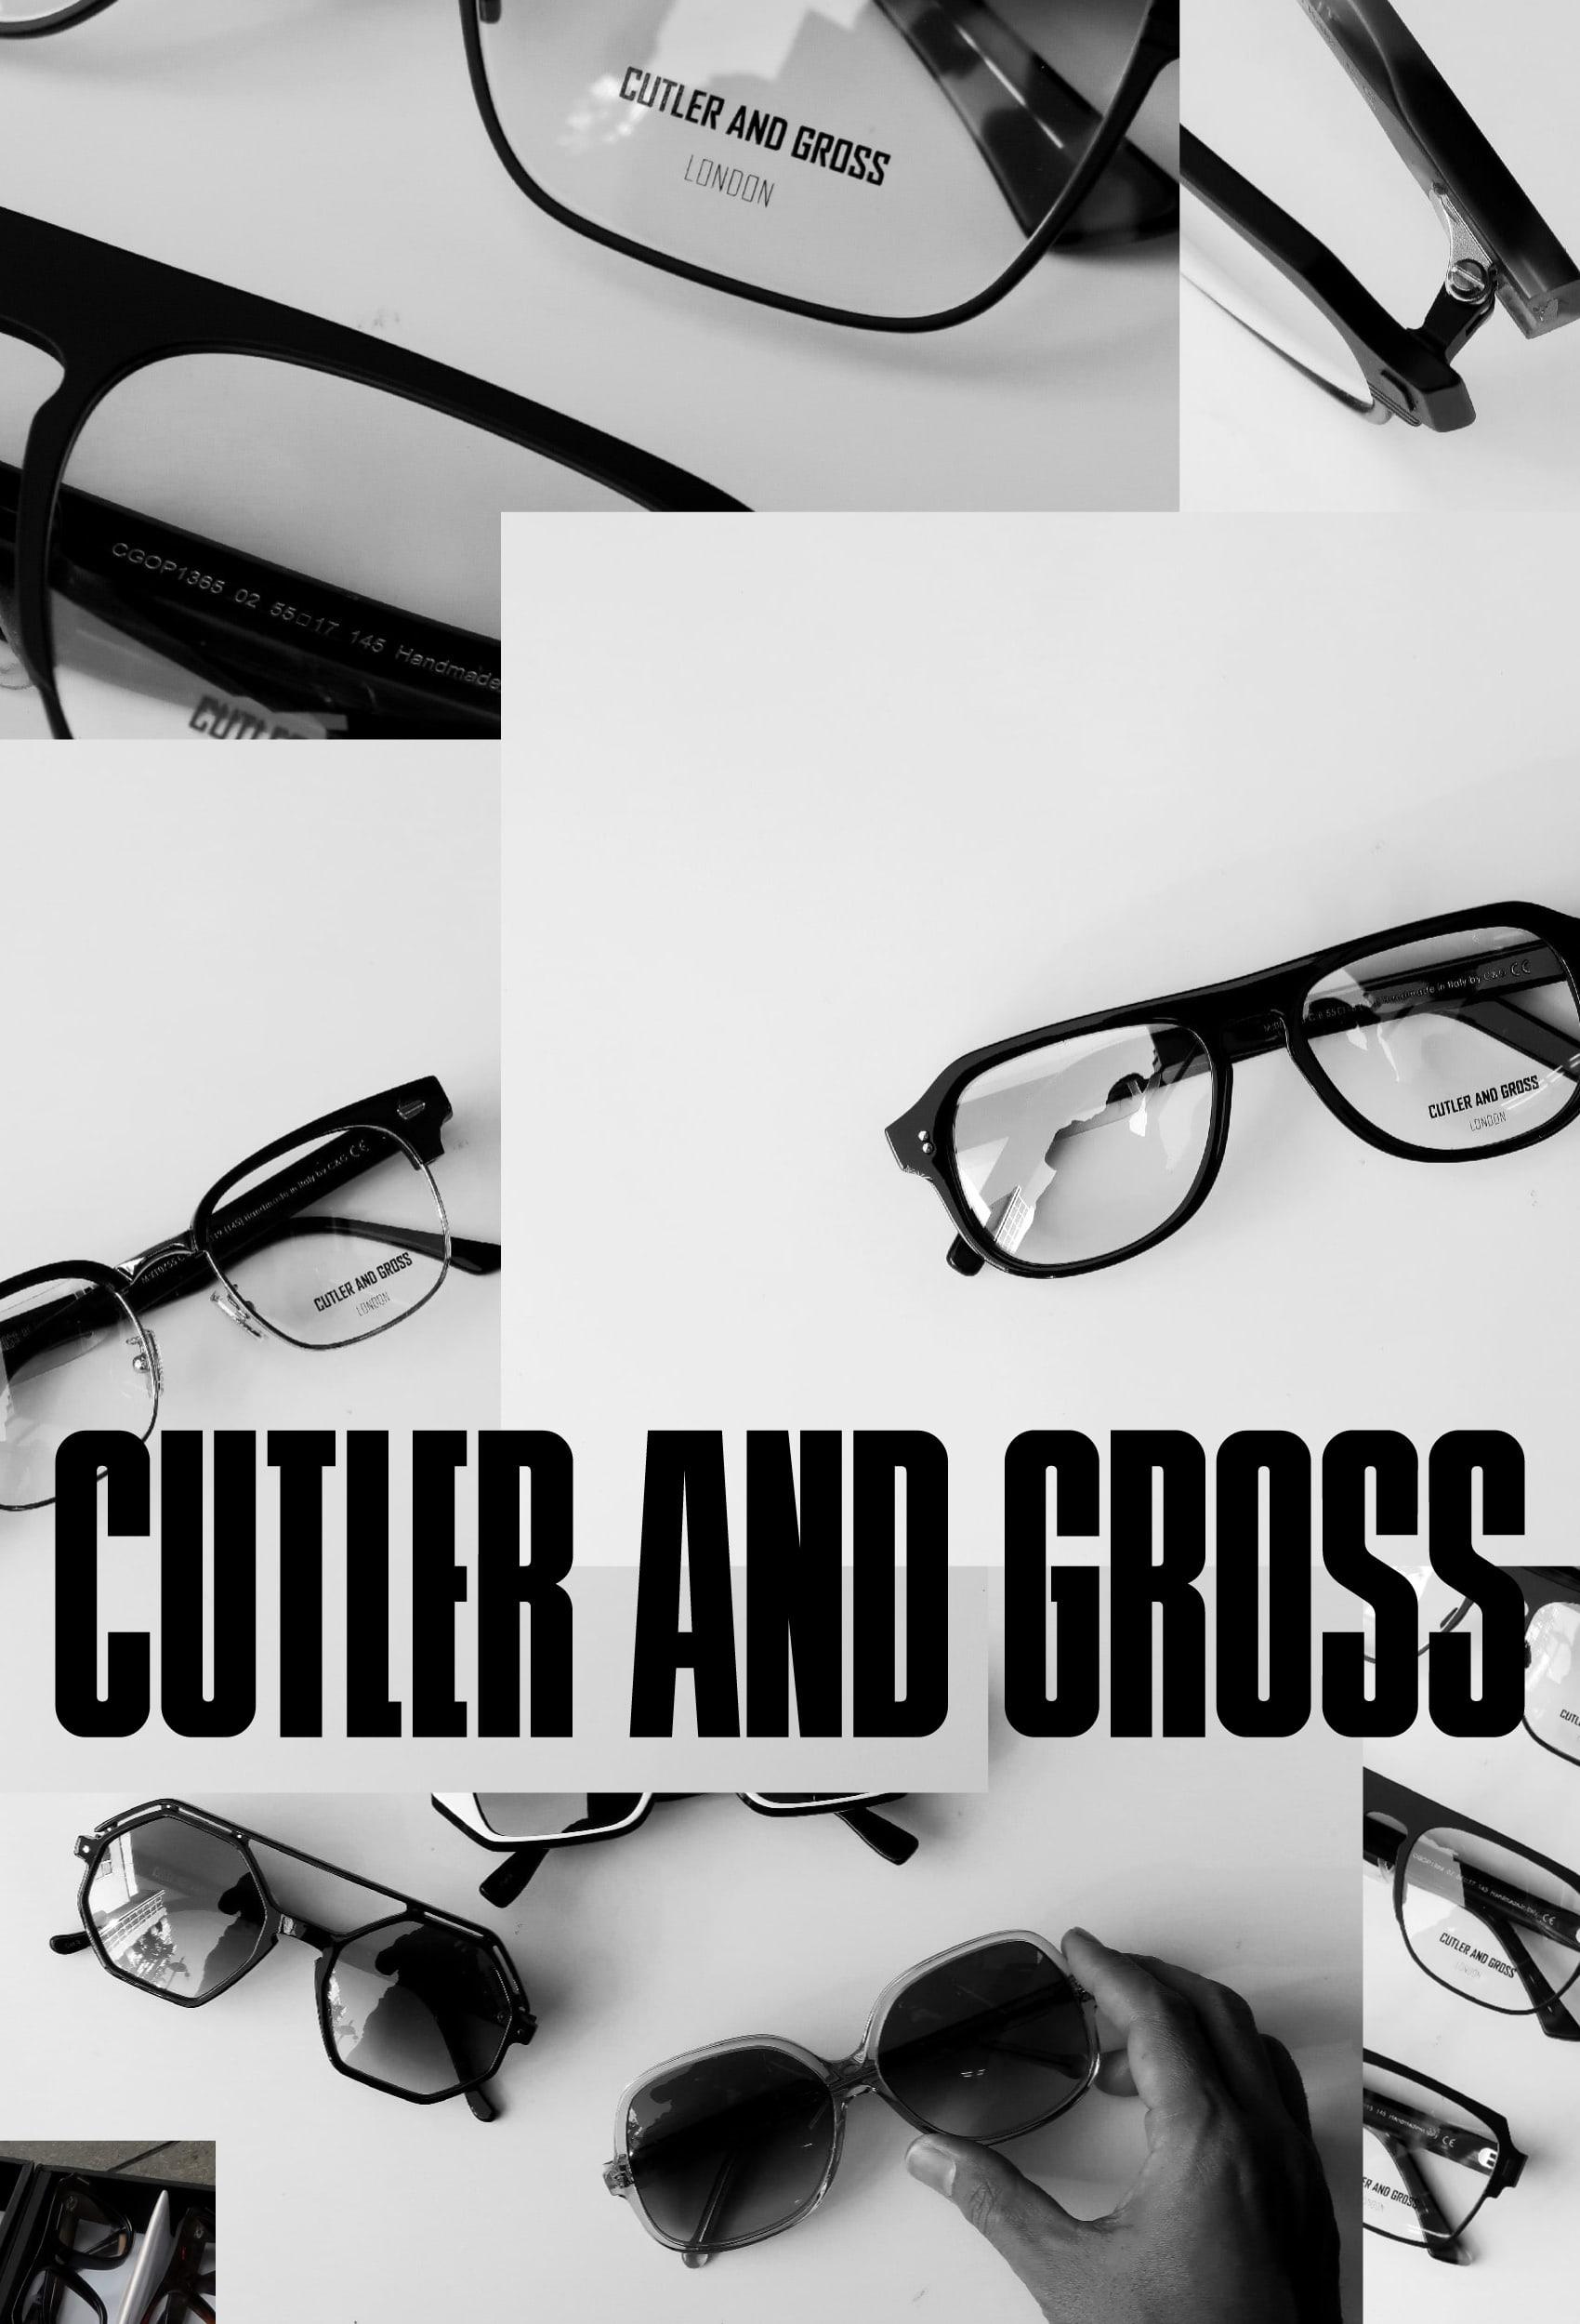 cutlerandgross-ts_banner-01